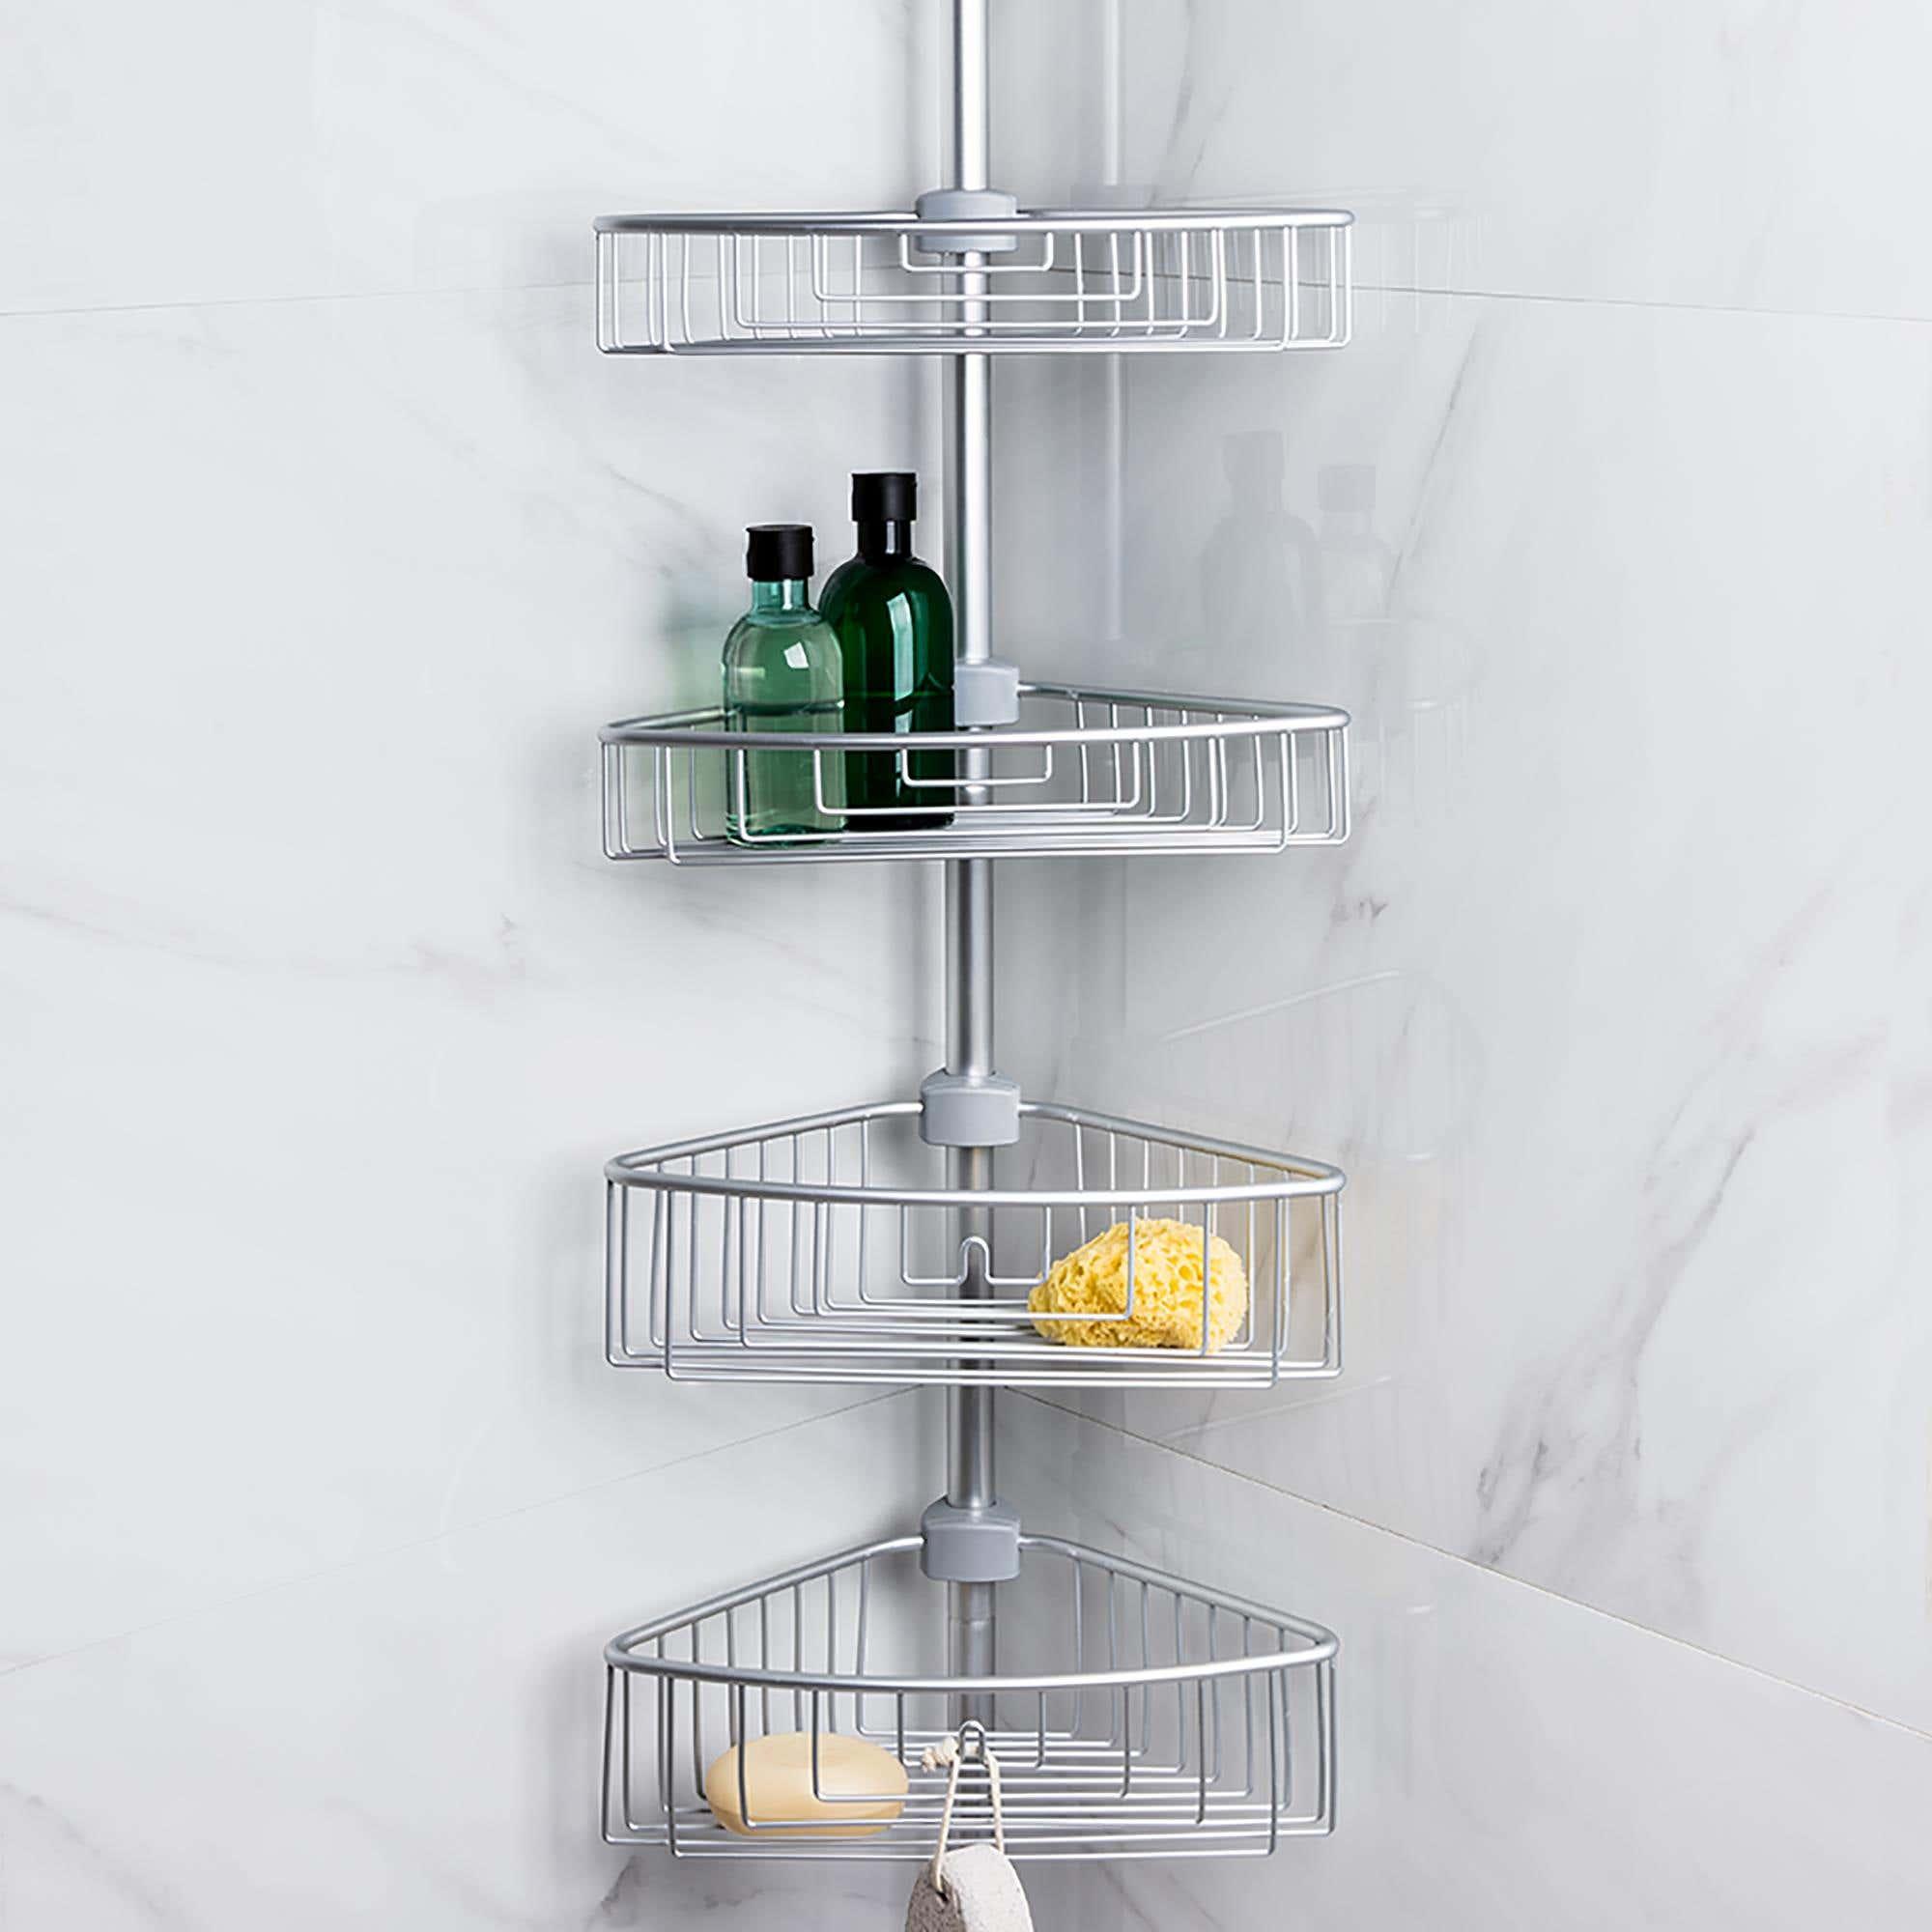 Ksp Aluminum Paloma Tension Bathtub Corner Shelf Kitchen Stuff Plus